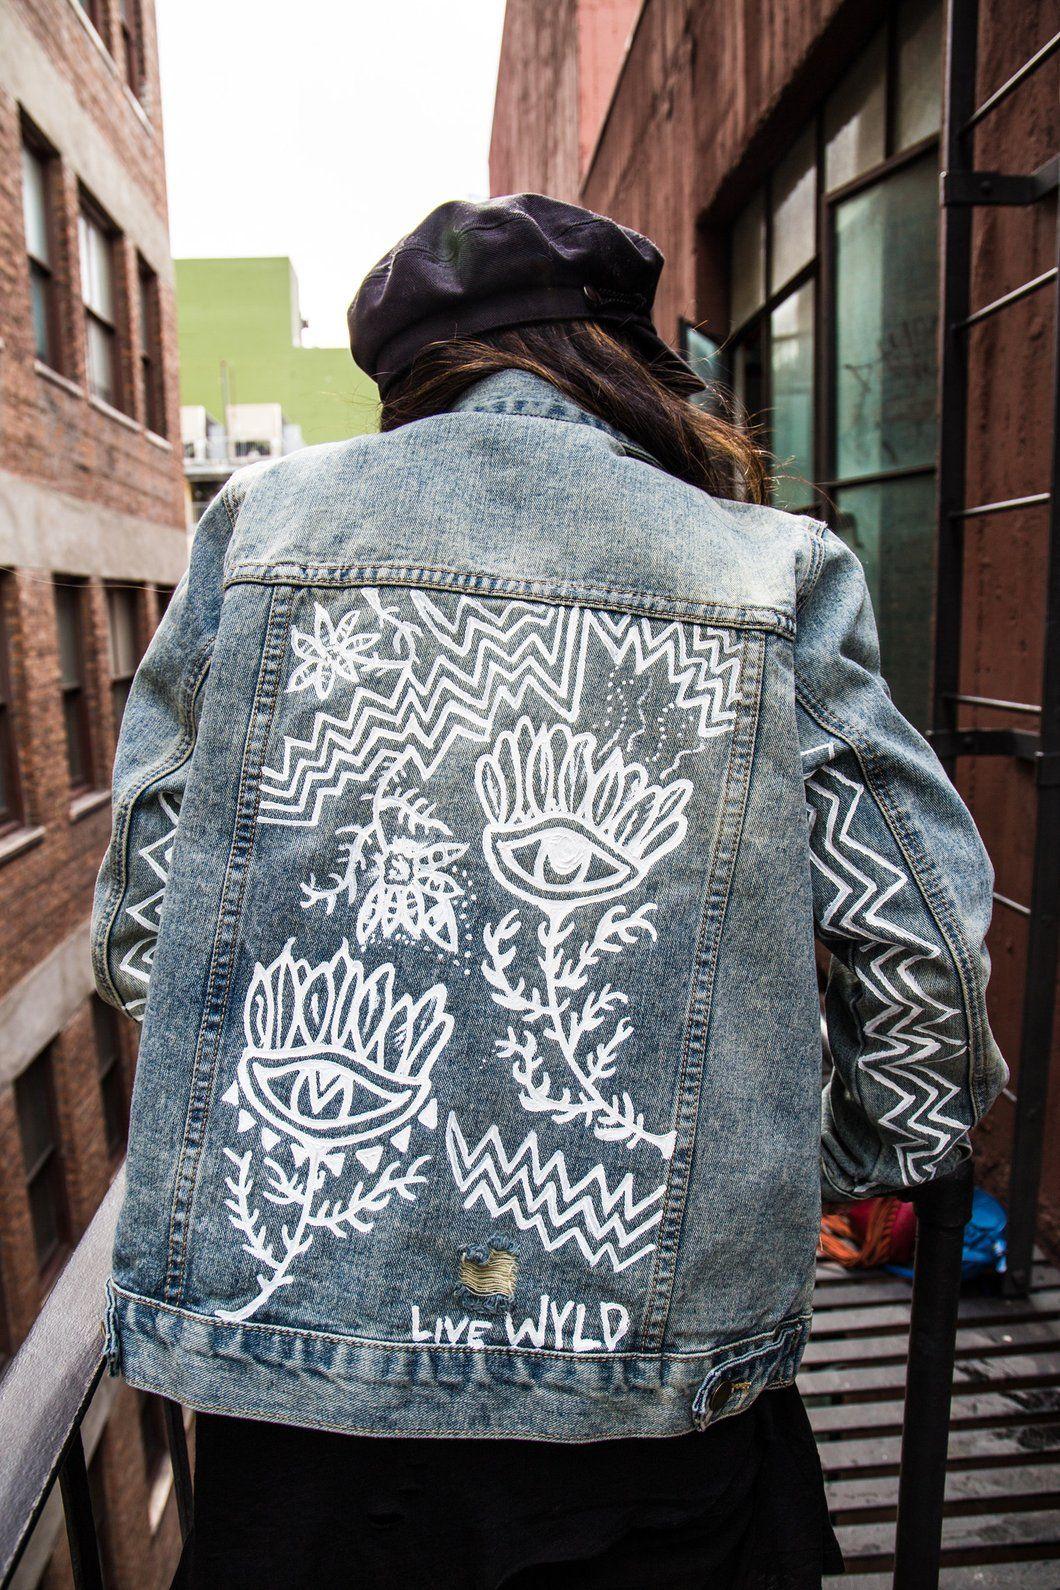 Eye See You Hand Painted Denim Jacket Diy Denim Jacket Hand Painted Denim Jacket Denim Diy [ 1590 x 1060 Pixel ]